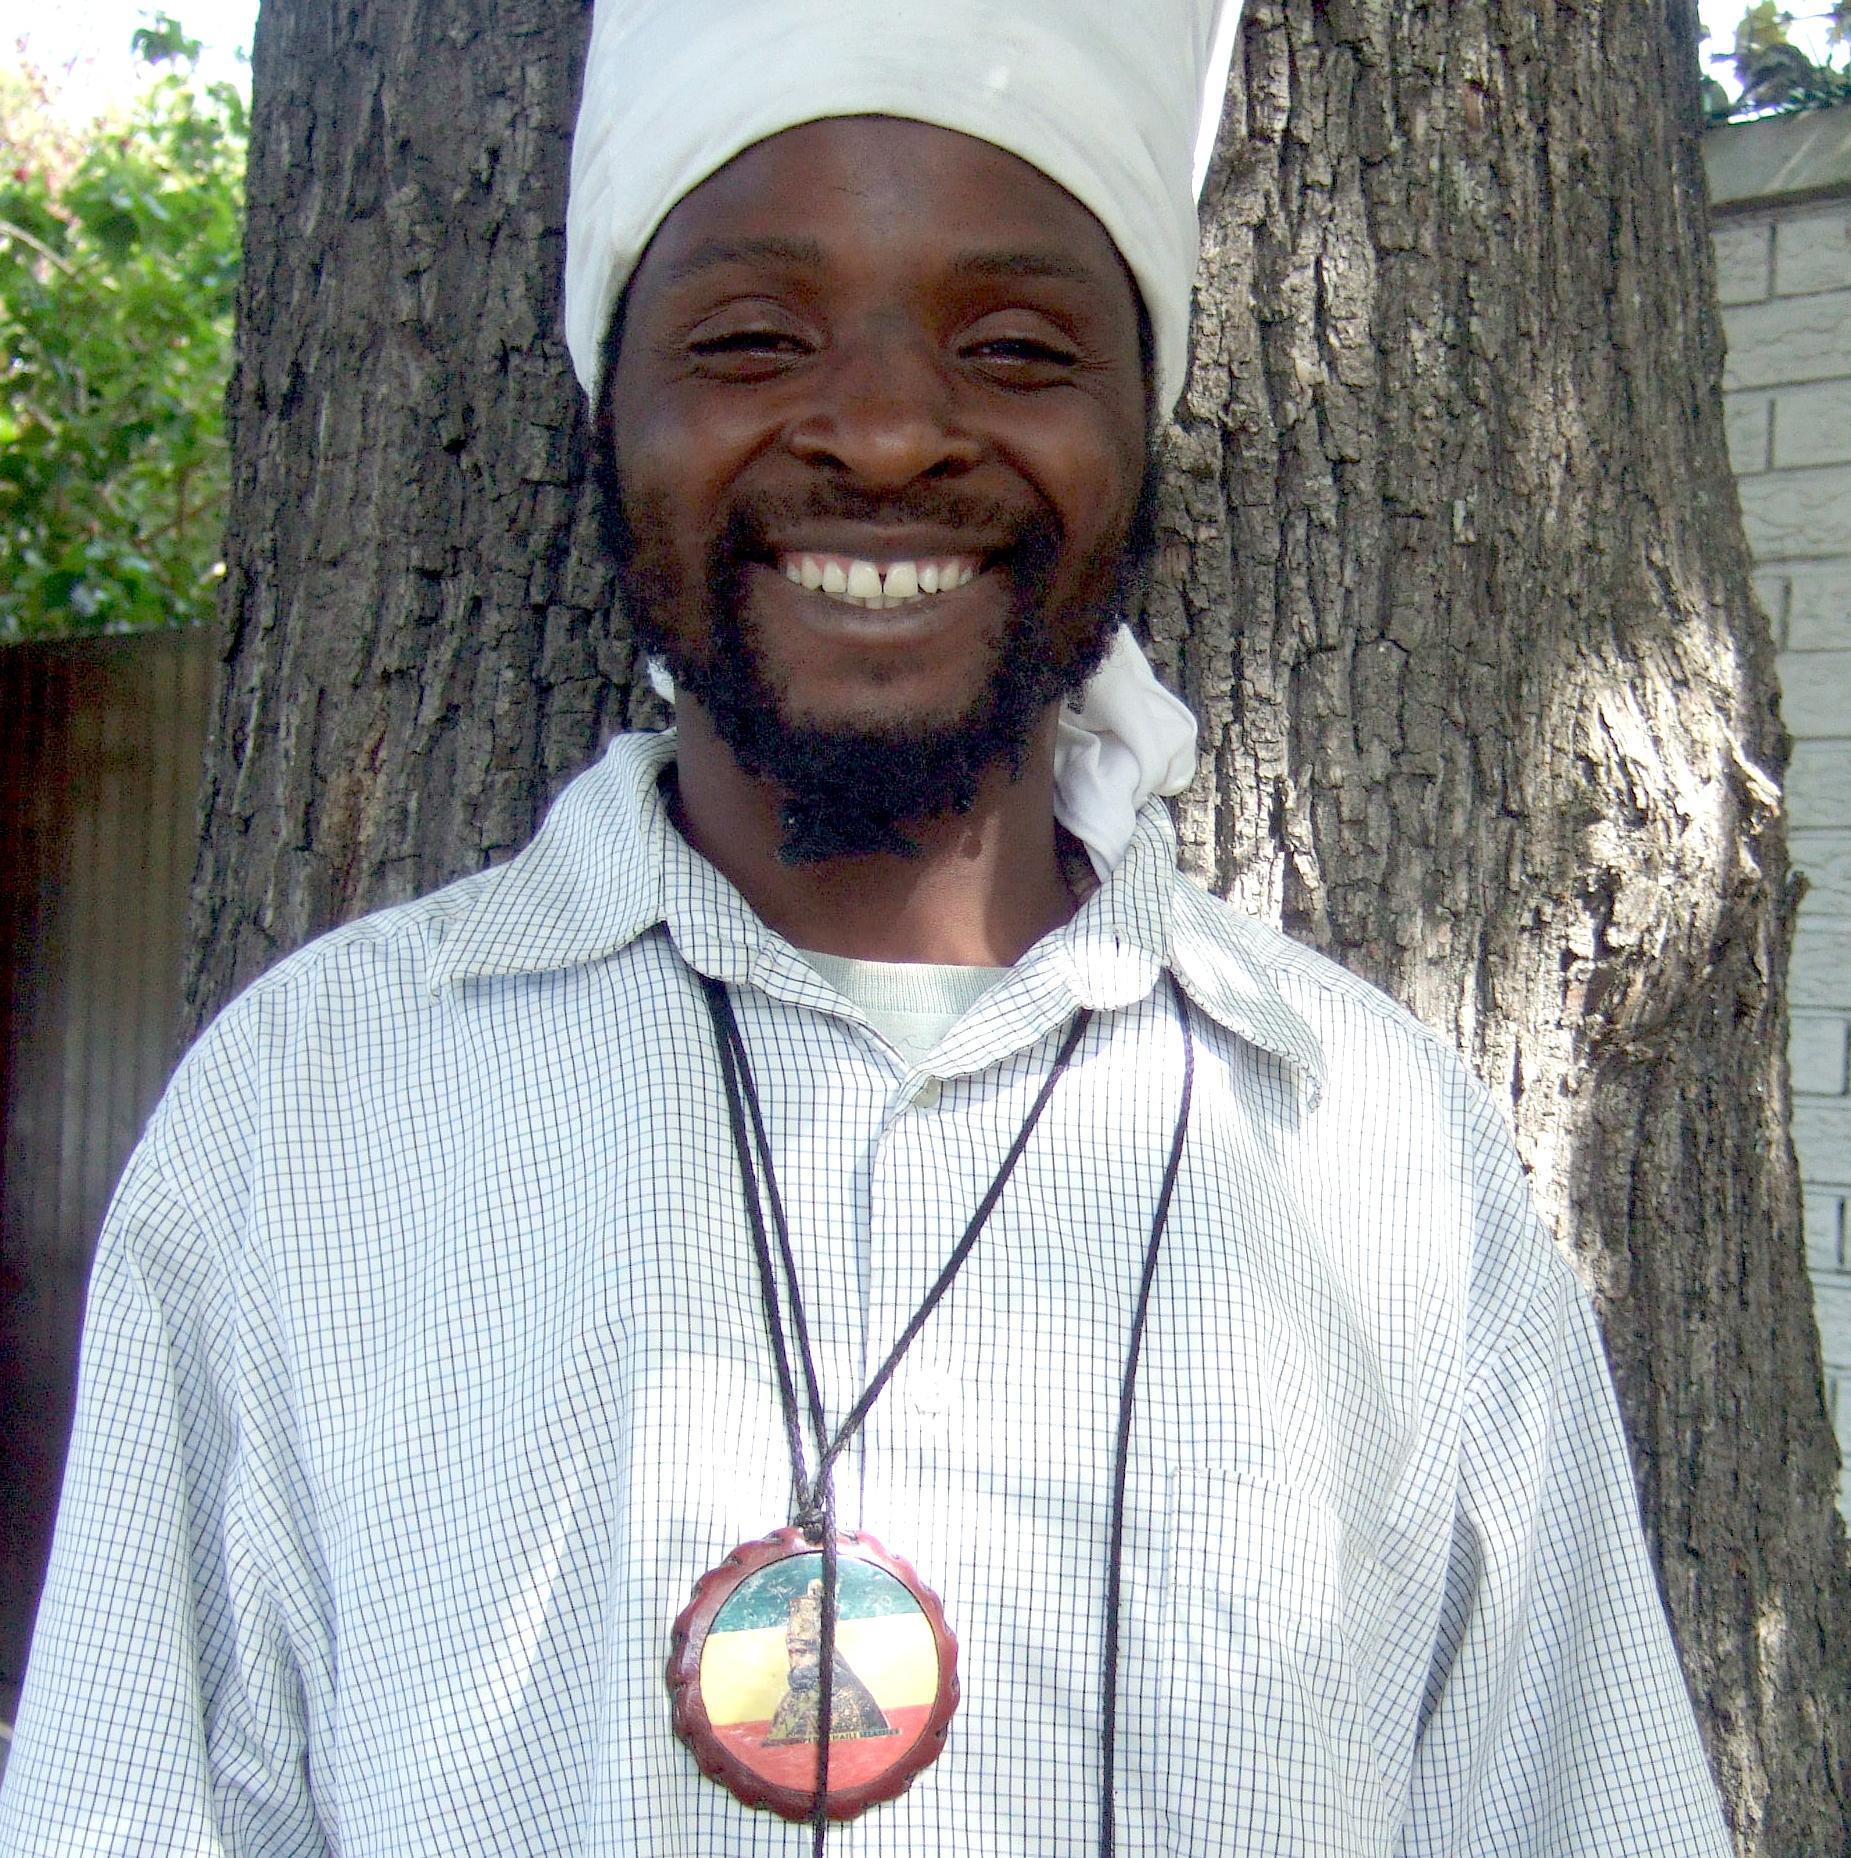 Bornface and the Marcus Garvey Rasta community